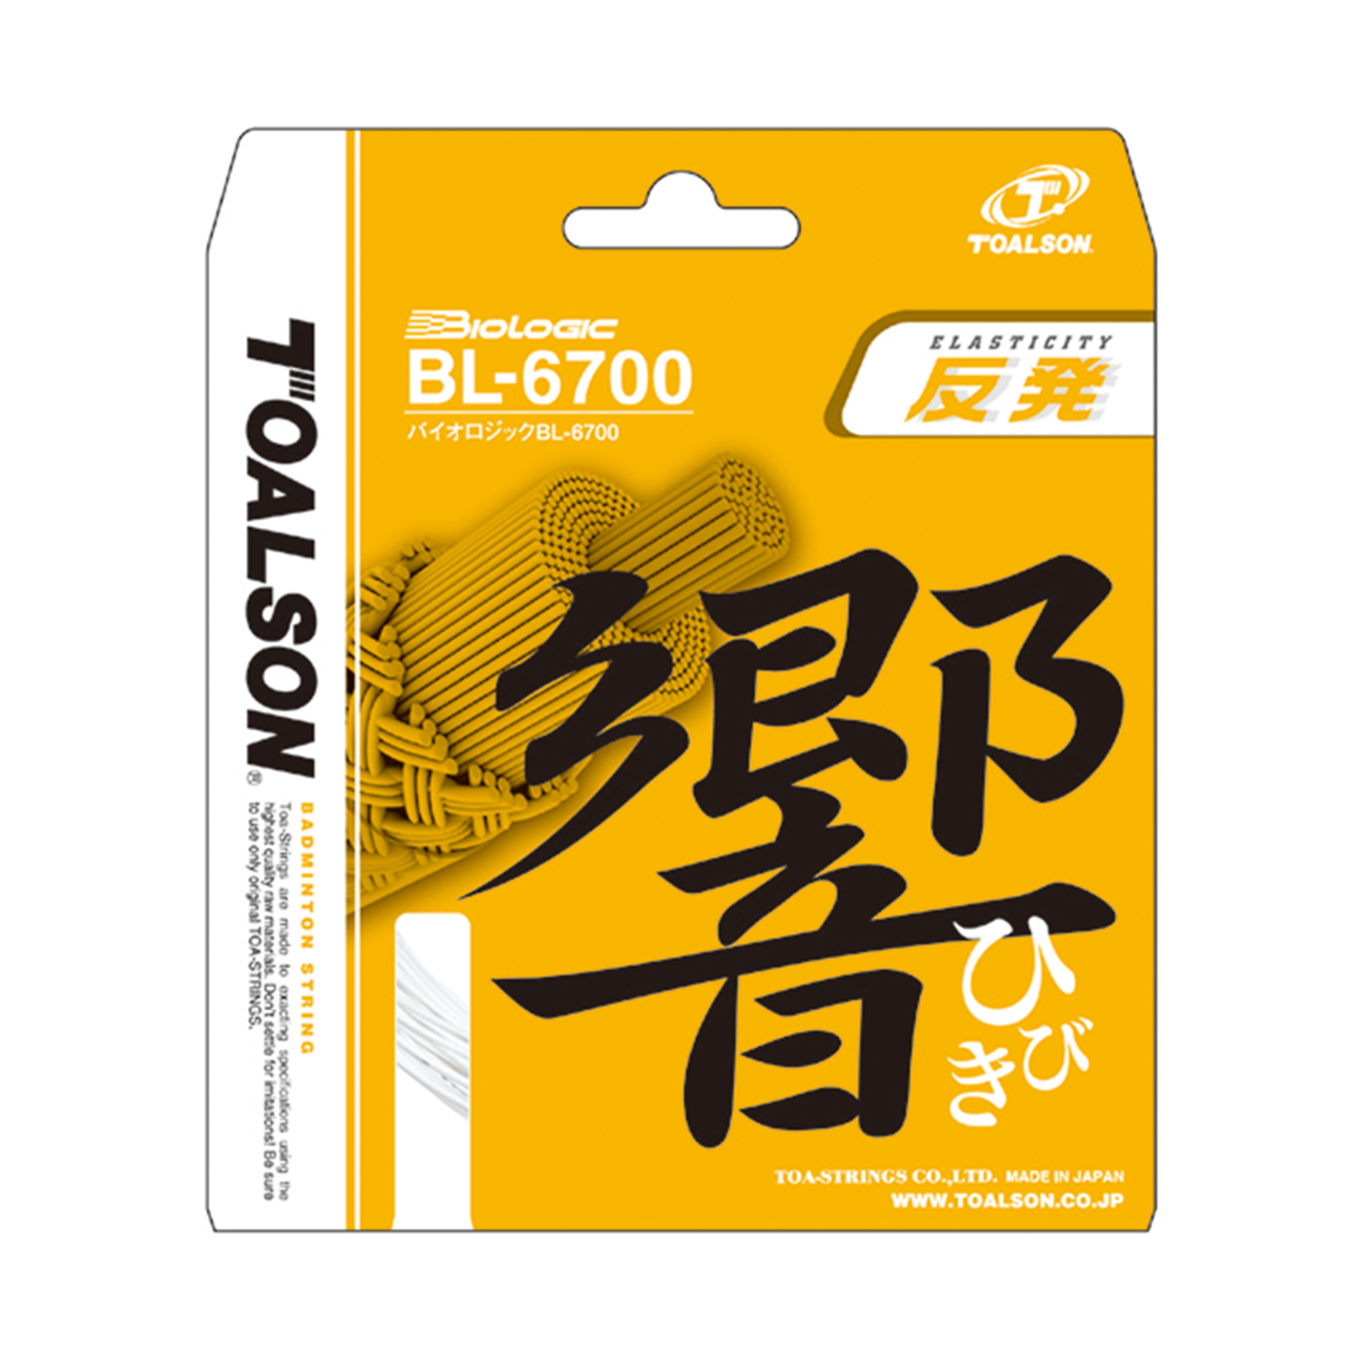 バイオロジック BL-6700 100Mロール 【830671】